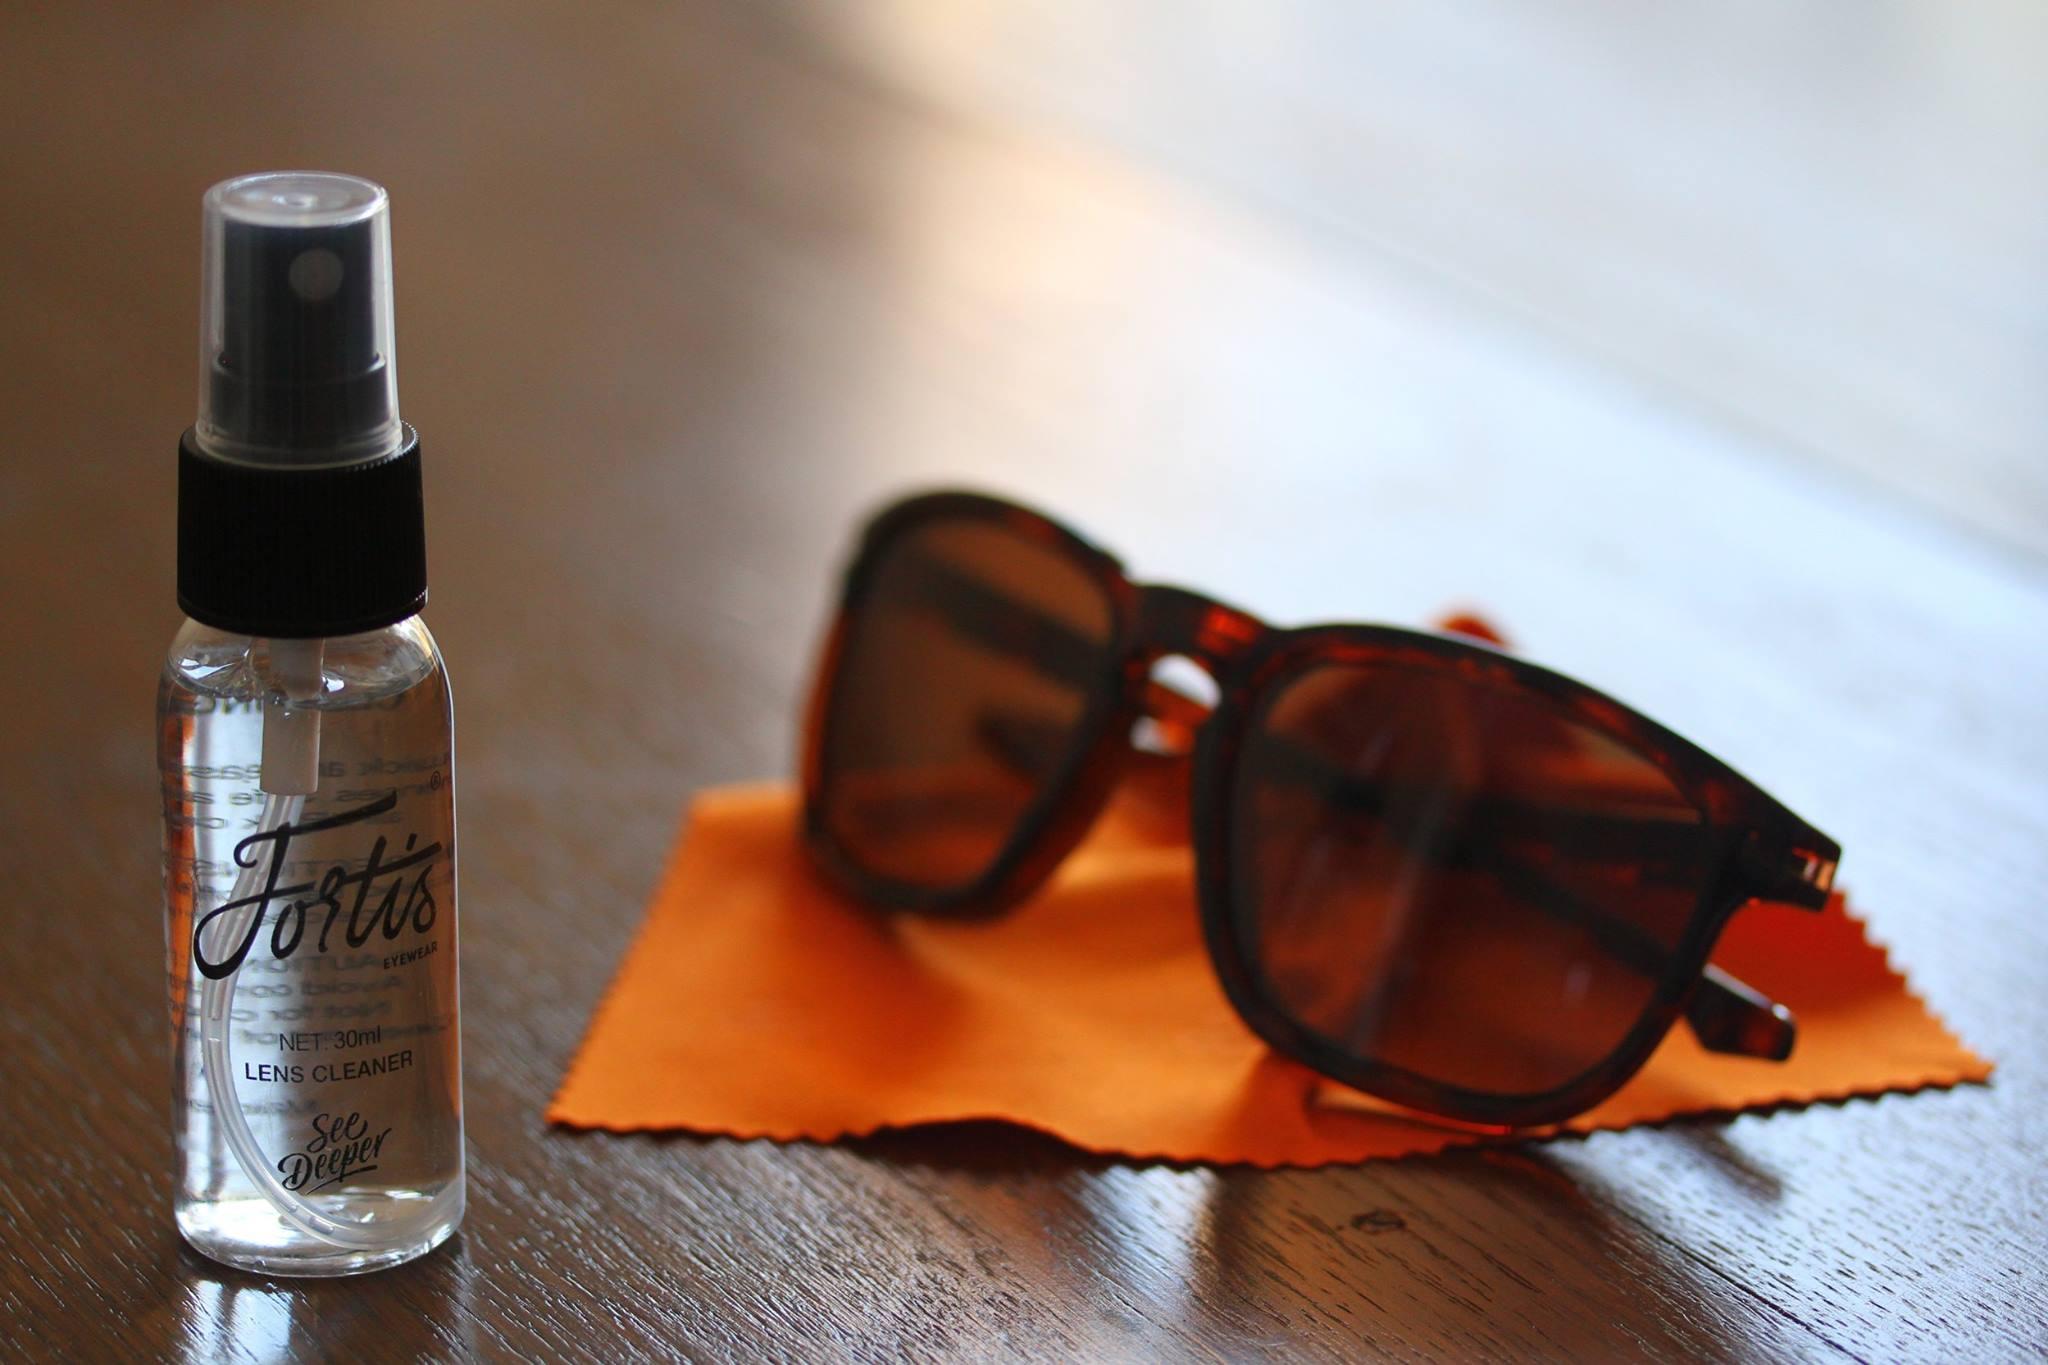 Fortis čistící emulze Lens Cleaner